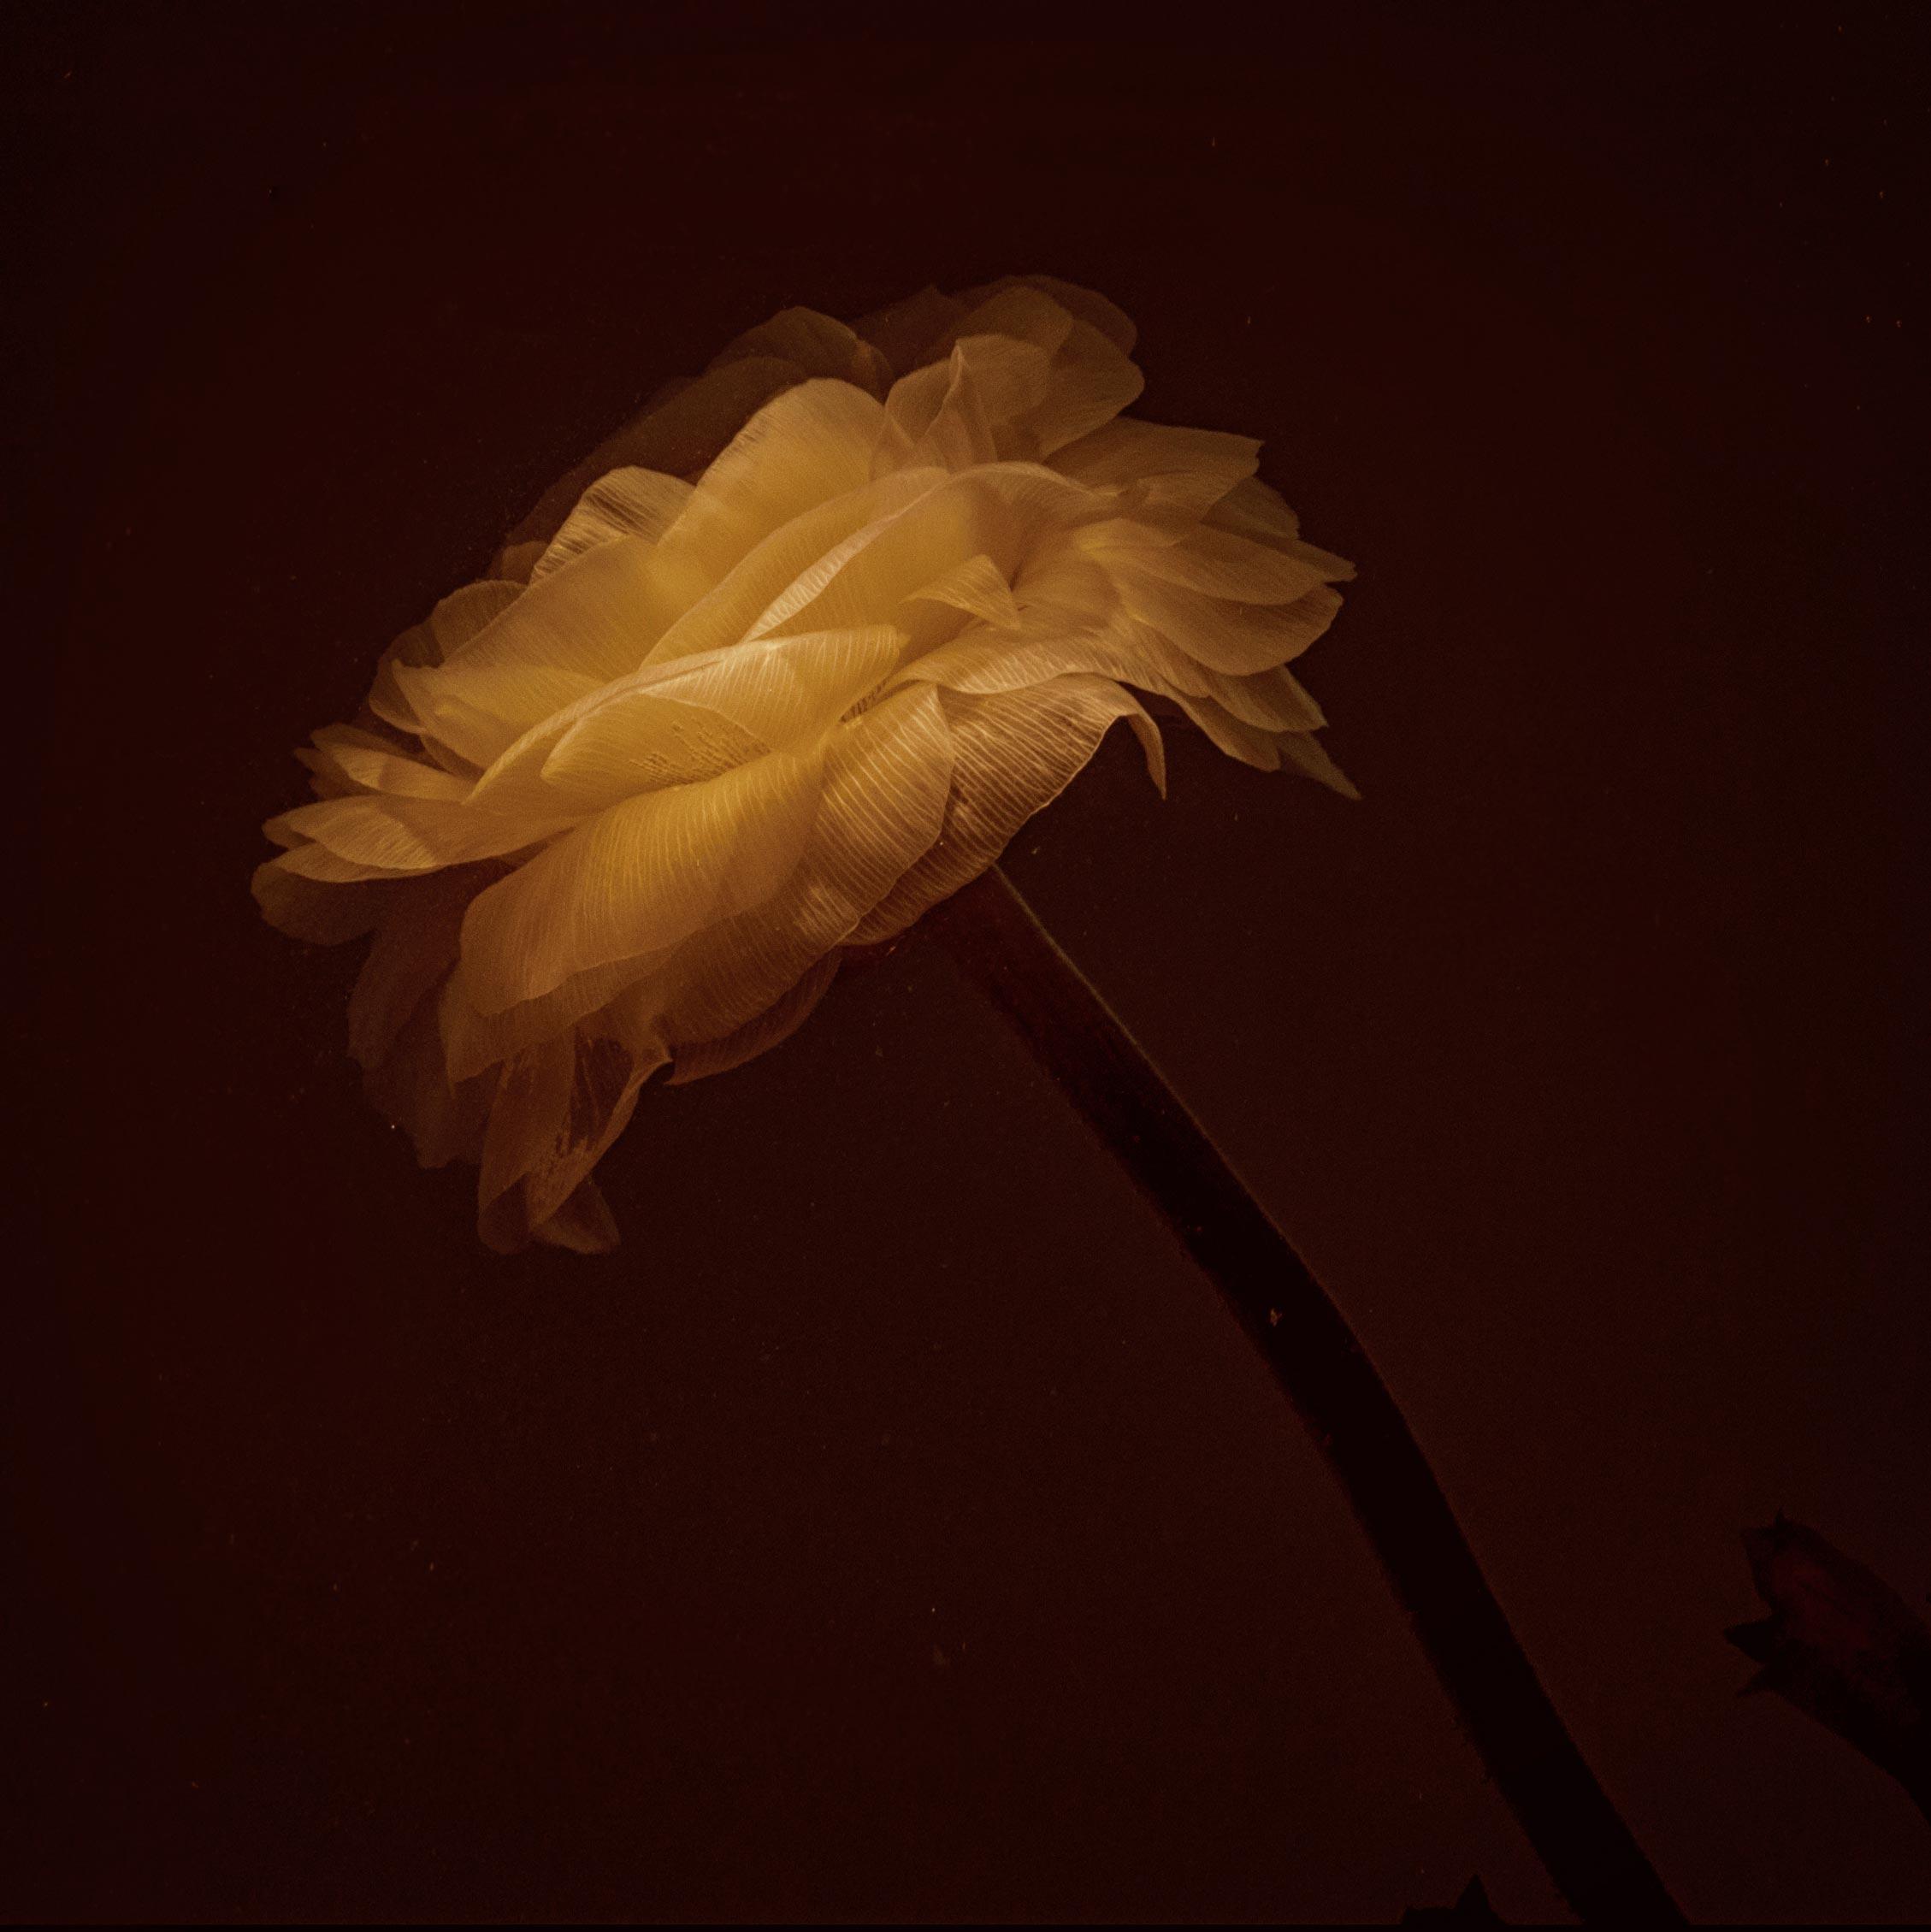 photographie d'une renoncule en clair obscur